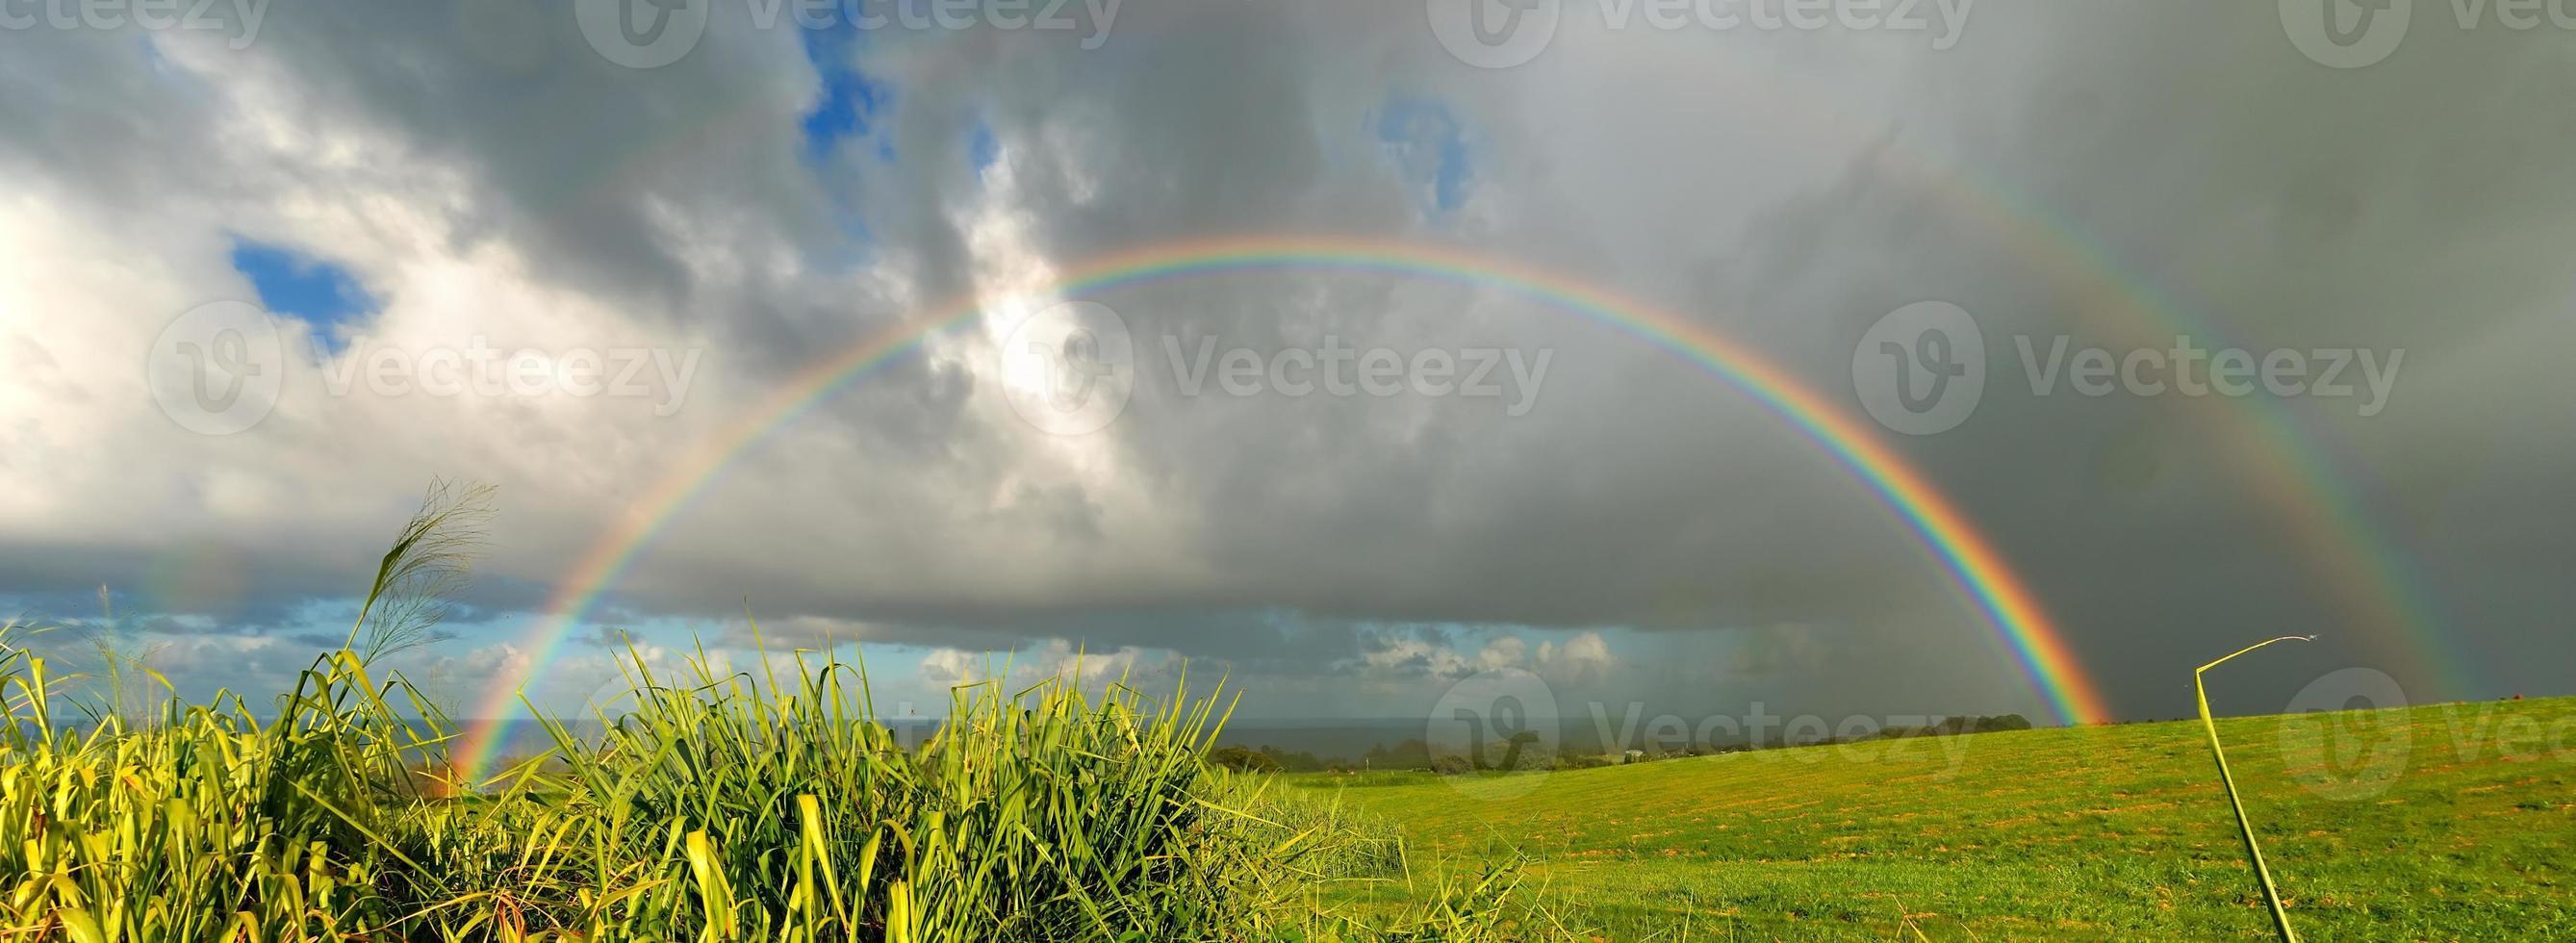 sobre el arcoiris foto